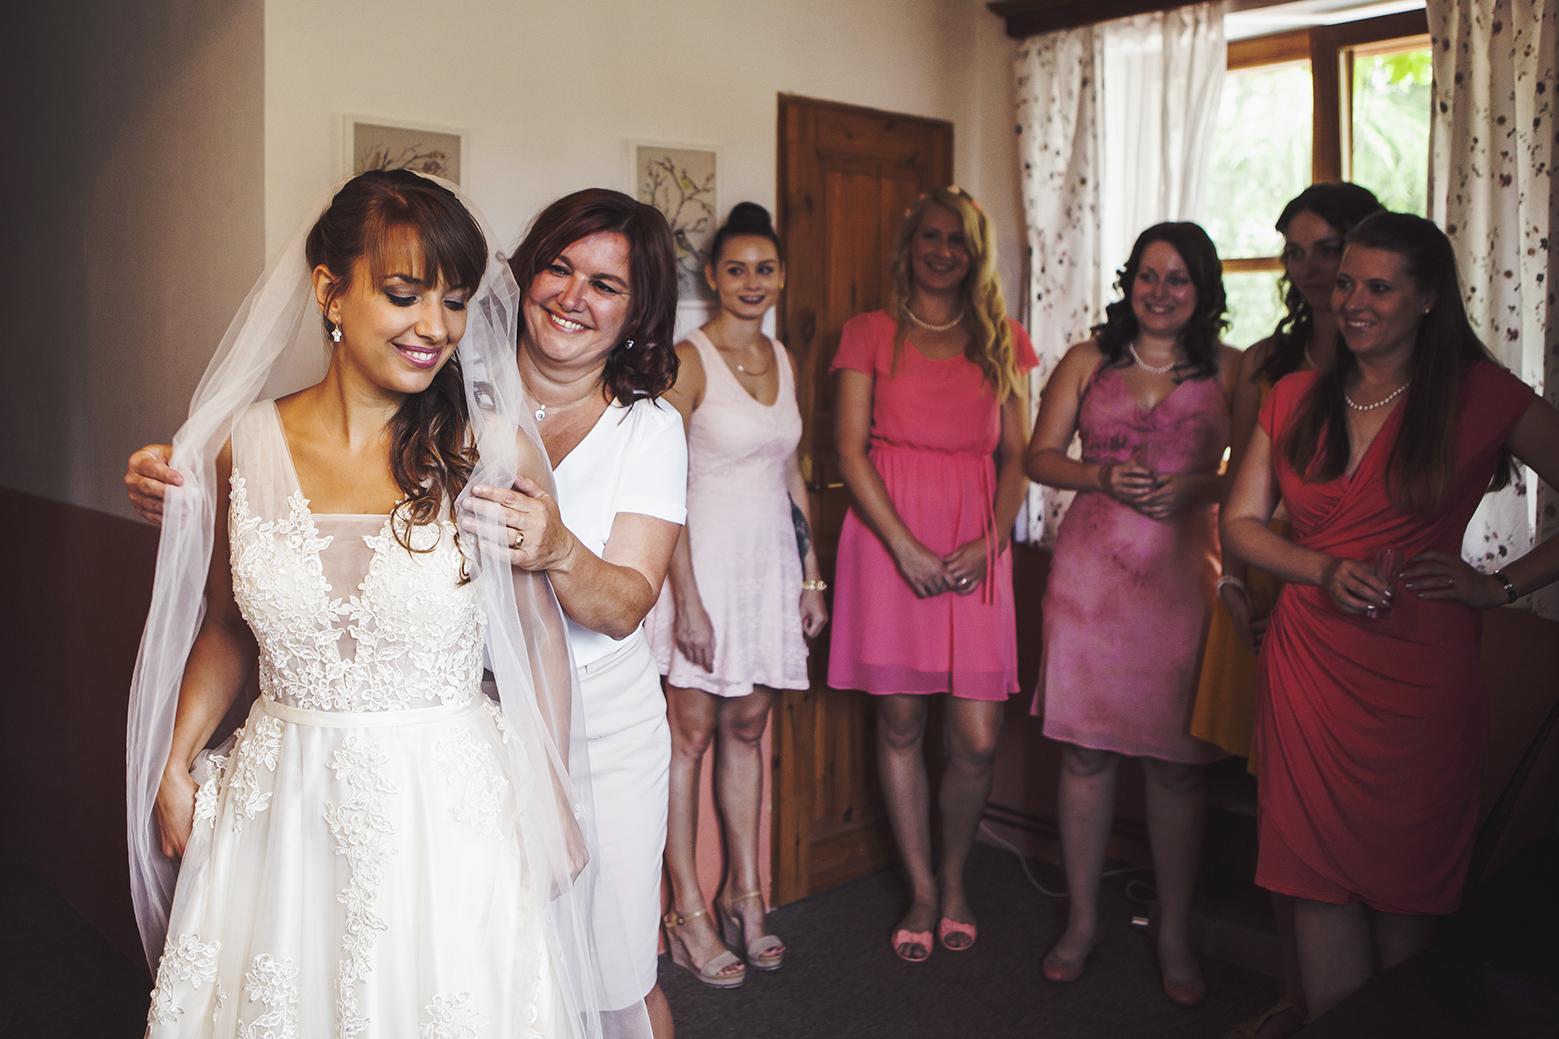 Svatba Krkonose - Obrázek č. 30